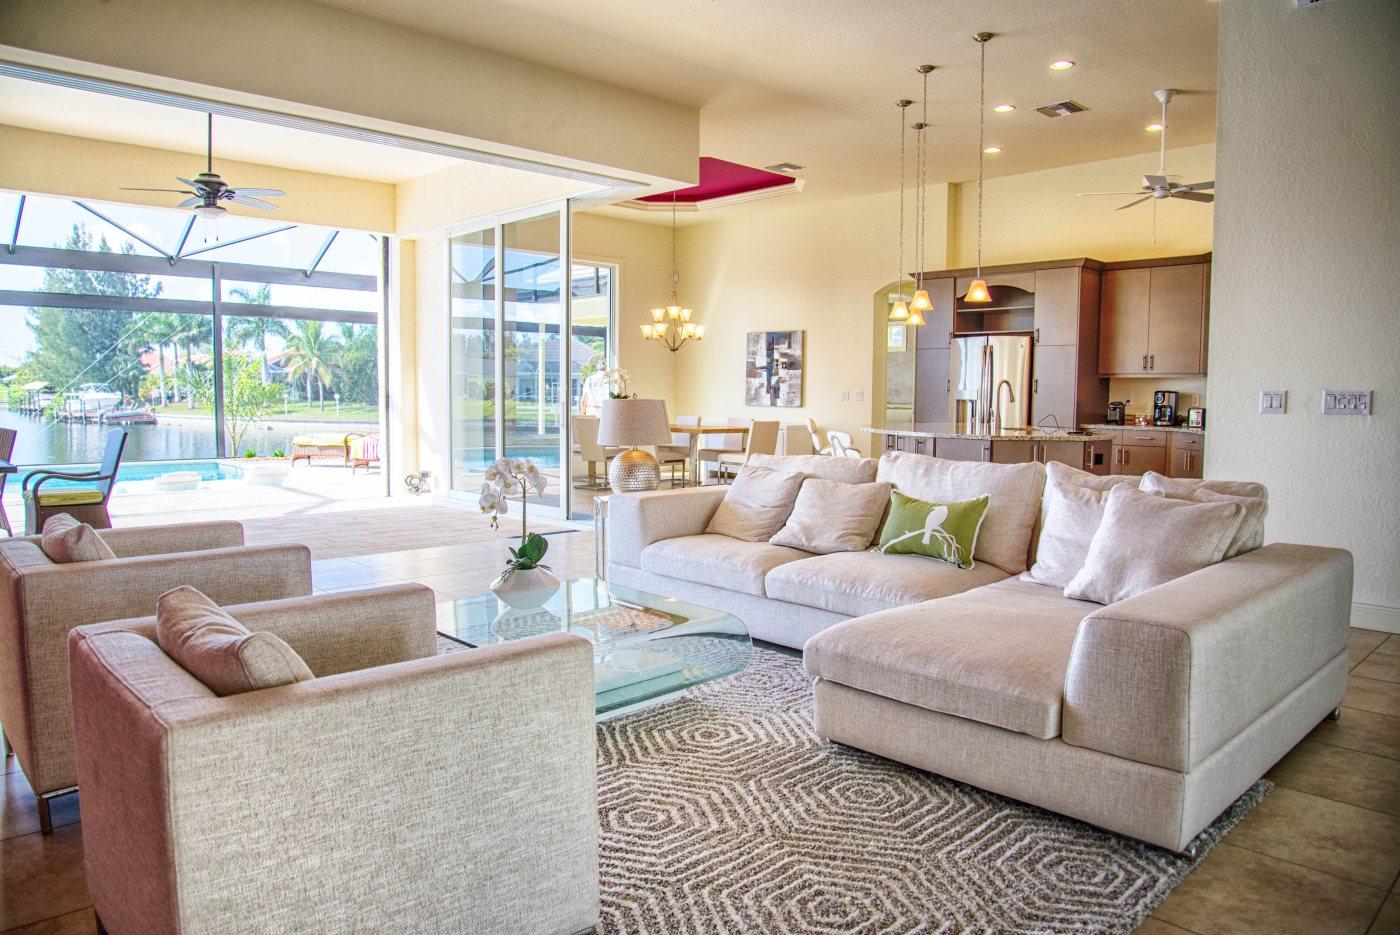 Wohnzimmer in Florida